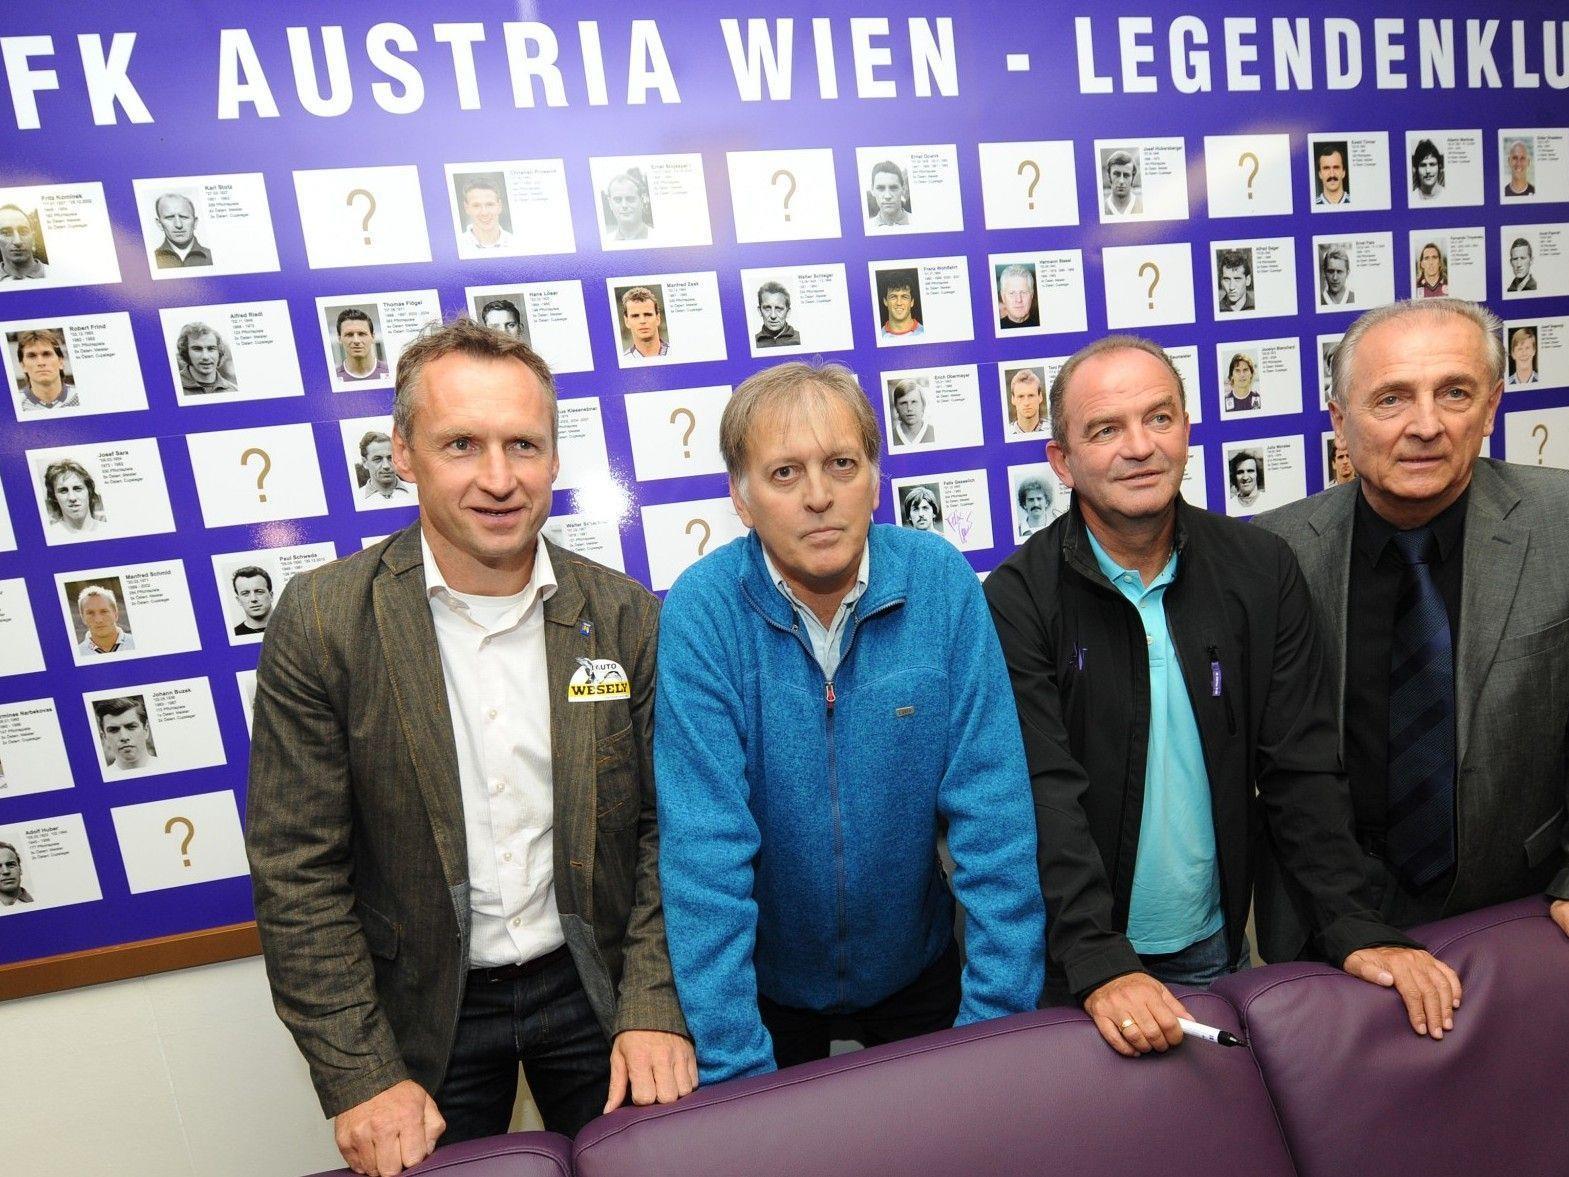 """Die Wiener Austria eröffnete am Mittwoch ihren """"Legendenklub""""."""